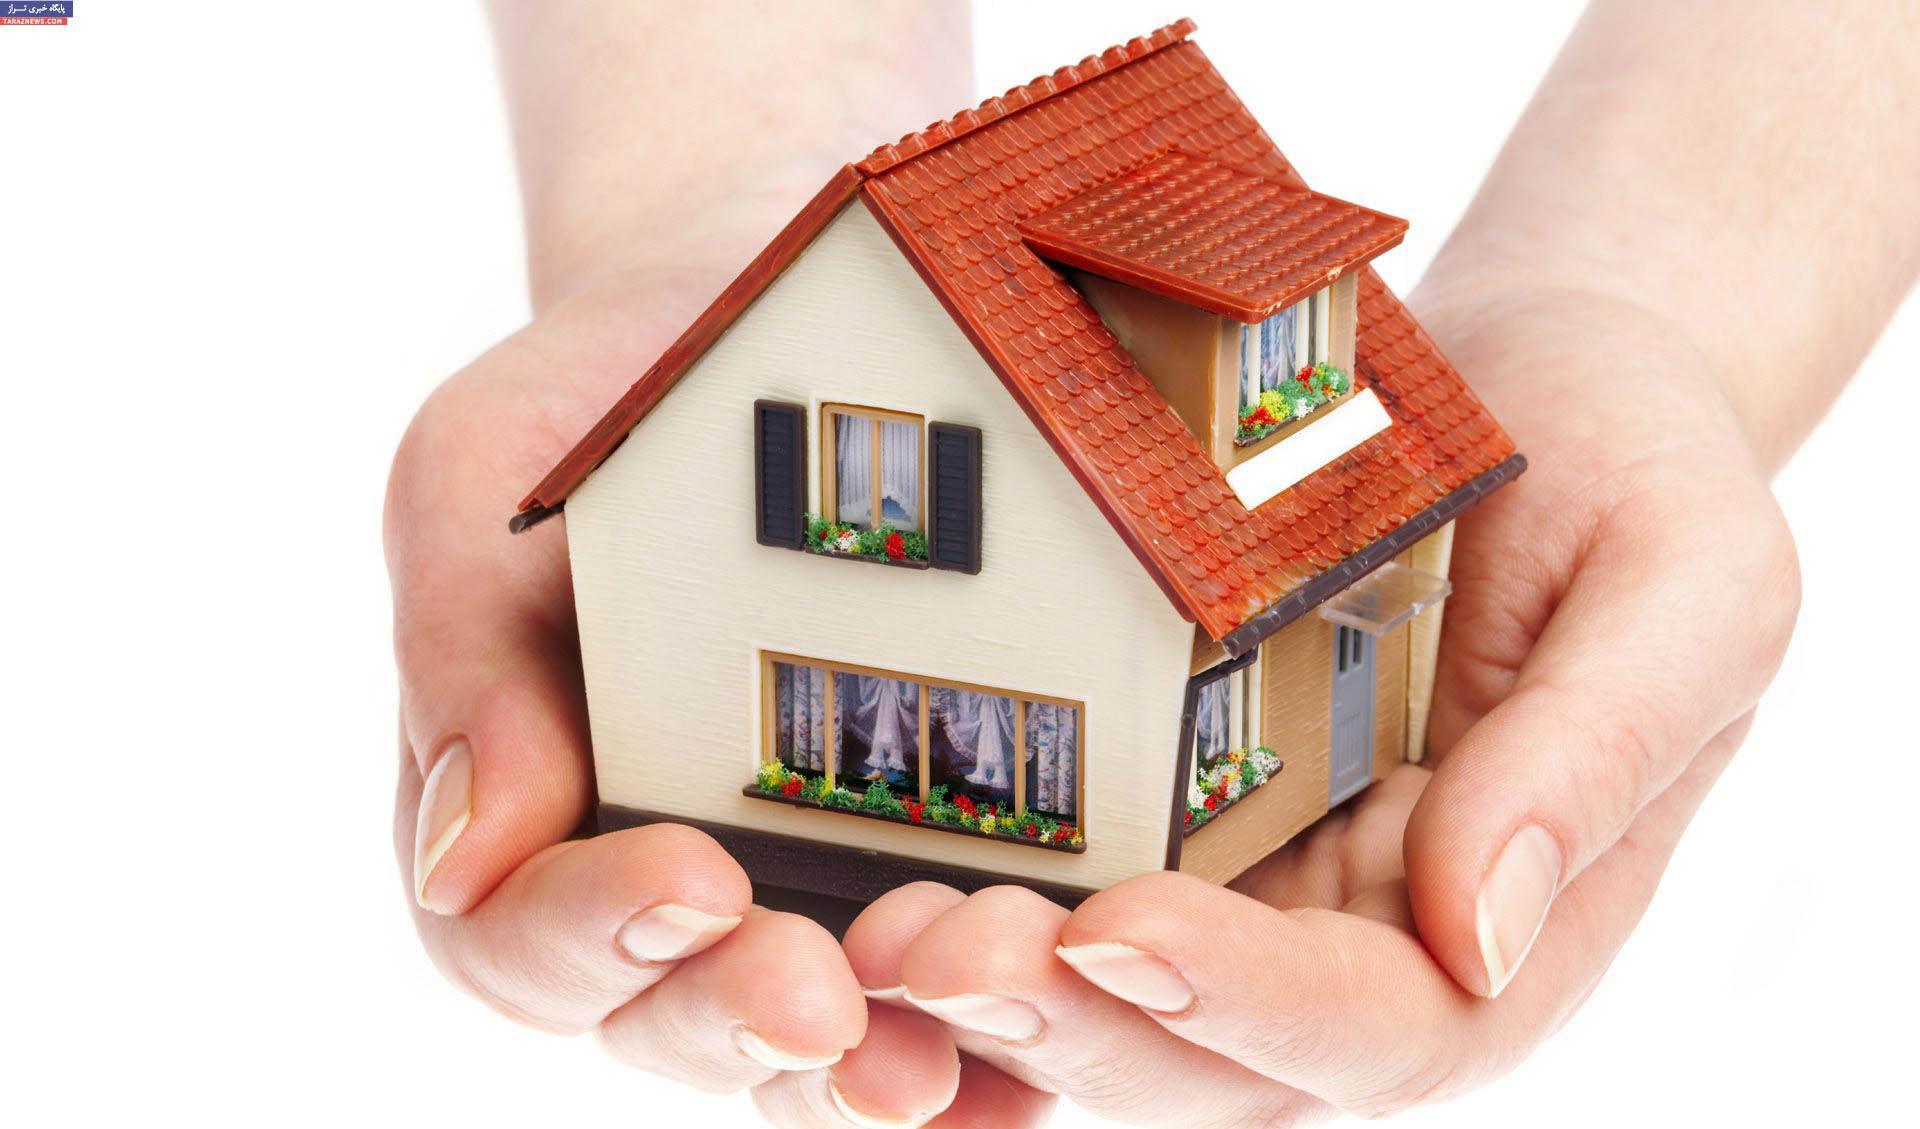 پیشنهاد ابزار جدید مالی برای خانهدار شدن کم درآمدها/ دولت بزرگترین محتکر مسکن است